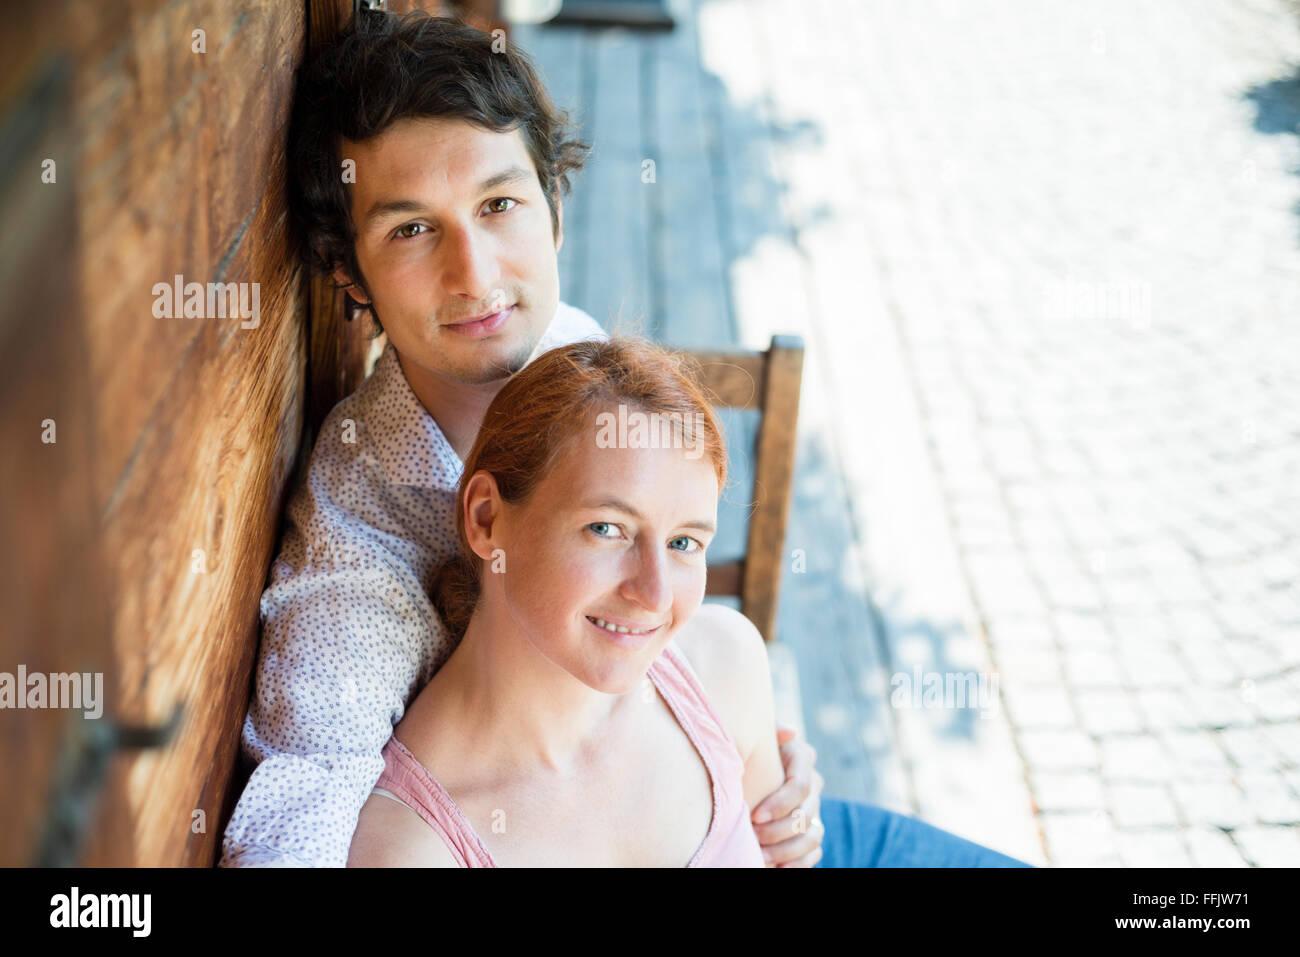 Ritratto di coppia felice guardando la fotocamera Immagini Stock